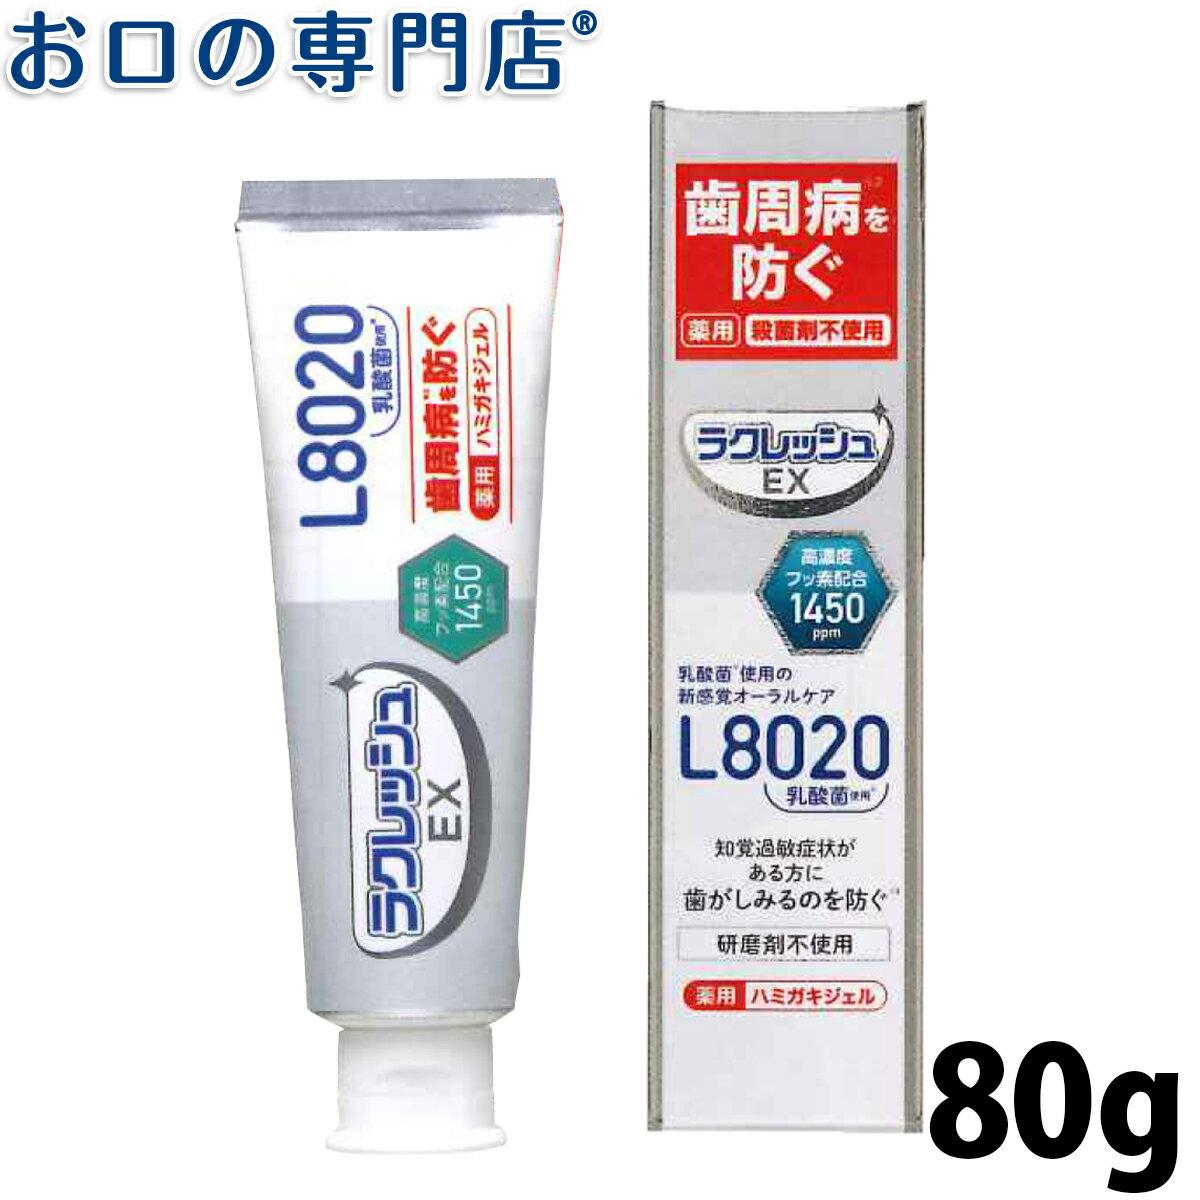 【ポイント5倍】L8020乳酸菌 ラクレッシュ 歯みがきジェル 50g × 1本【メール便OK】アップルミント/歯磨き粉/ハミガキ粉/ジェクス